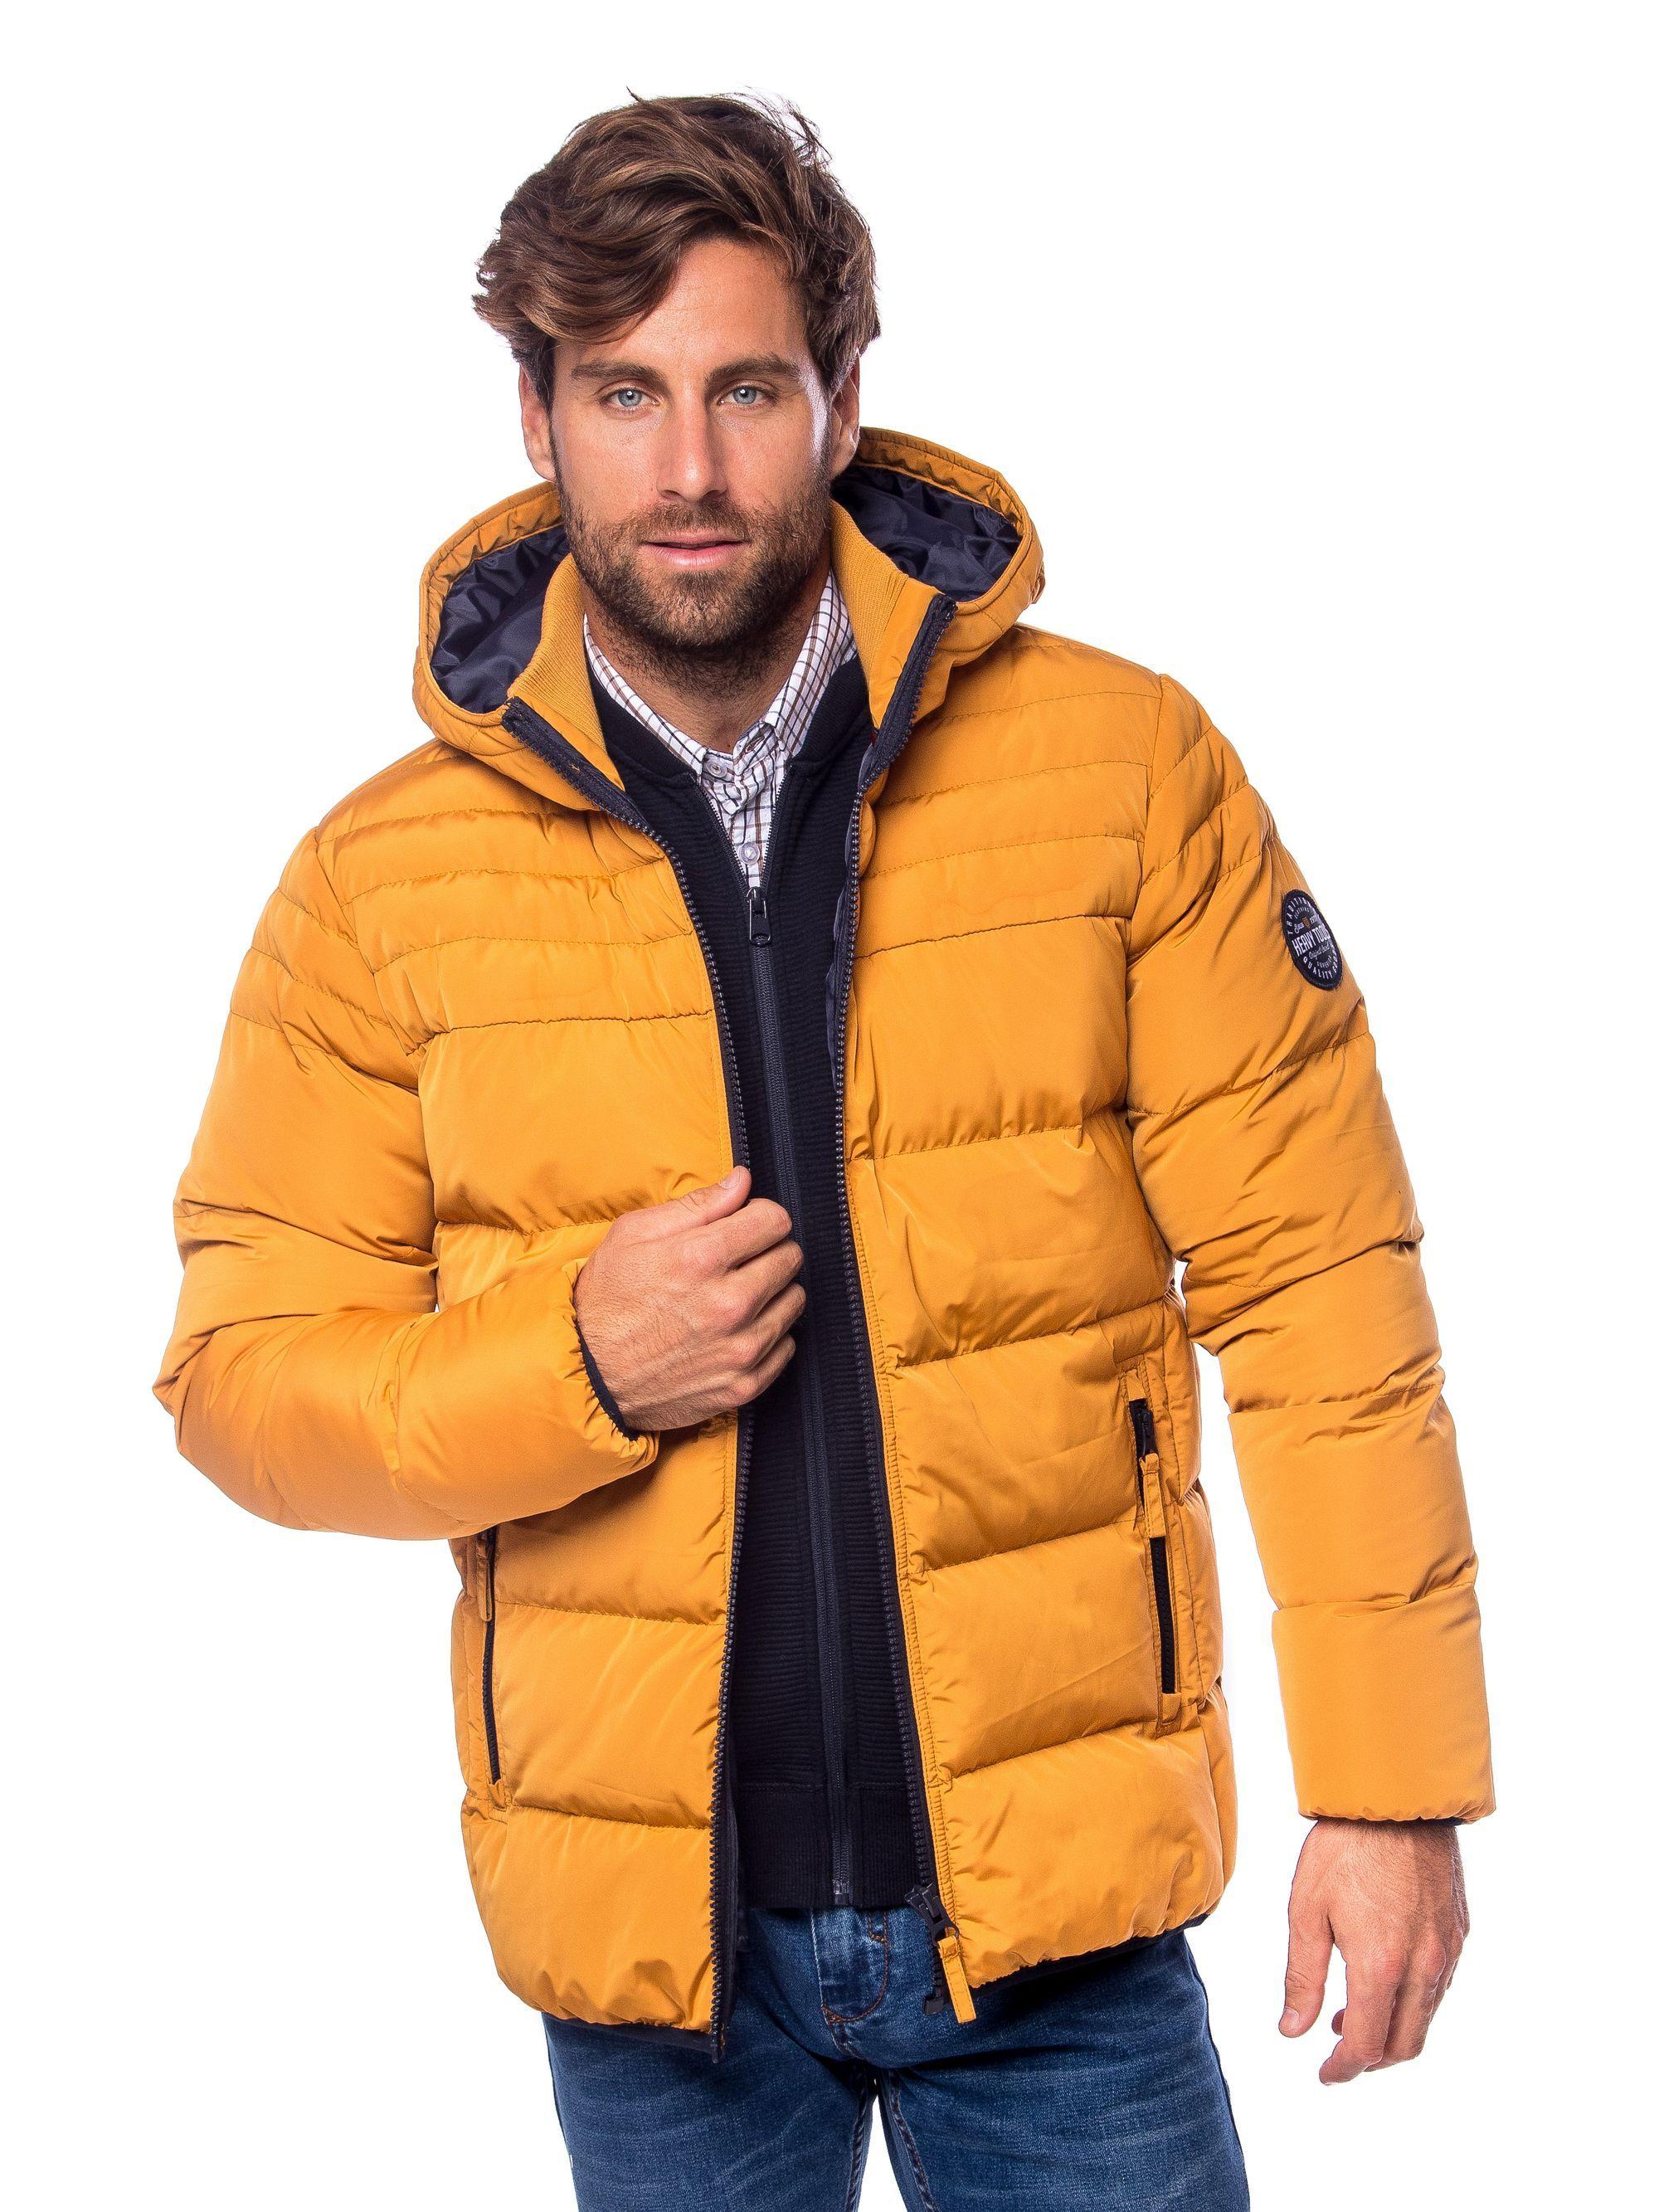 Heavy Tools férfi kabát NEON yellow | Markasbolt.hu